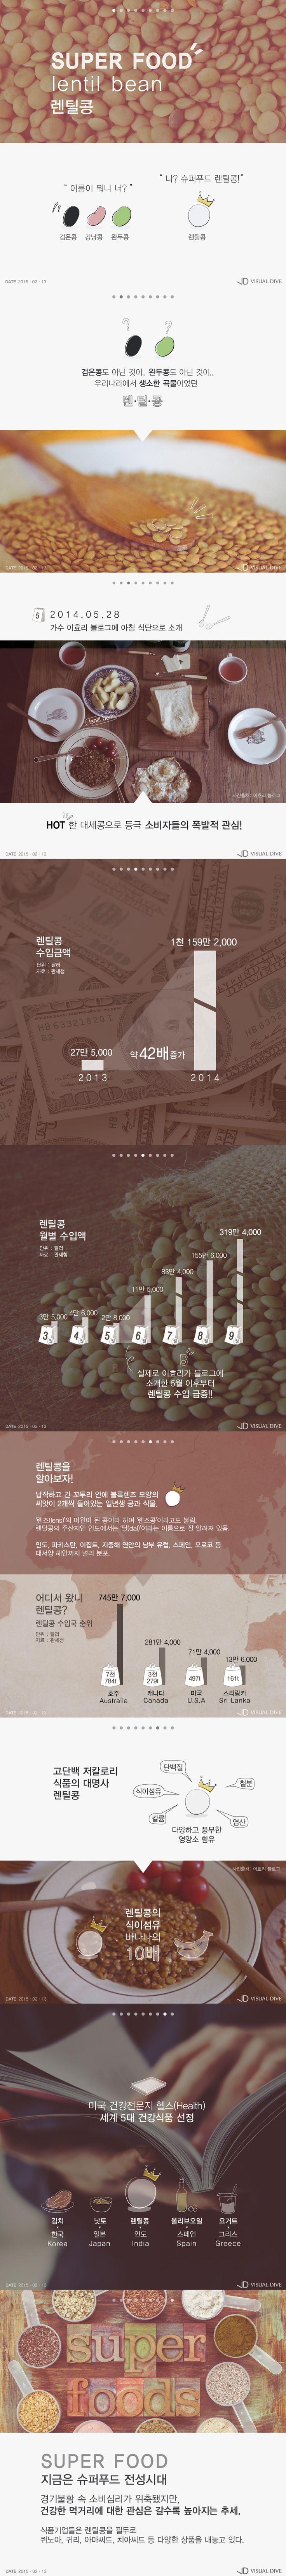 '이효리 효과?' 슈퍼푸드 렌틸콩, 지난해 6월 이후 수입량 급증 [인포그래픽] #Lens Culinaris / #Infographic ⓒ 비주얼다이브 무단 복사·전재·재배포 금지